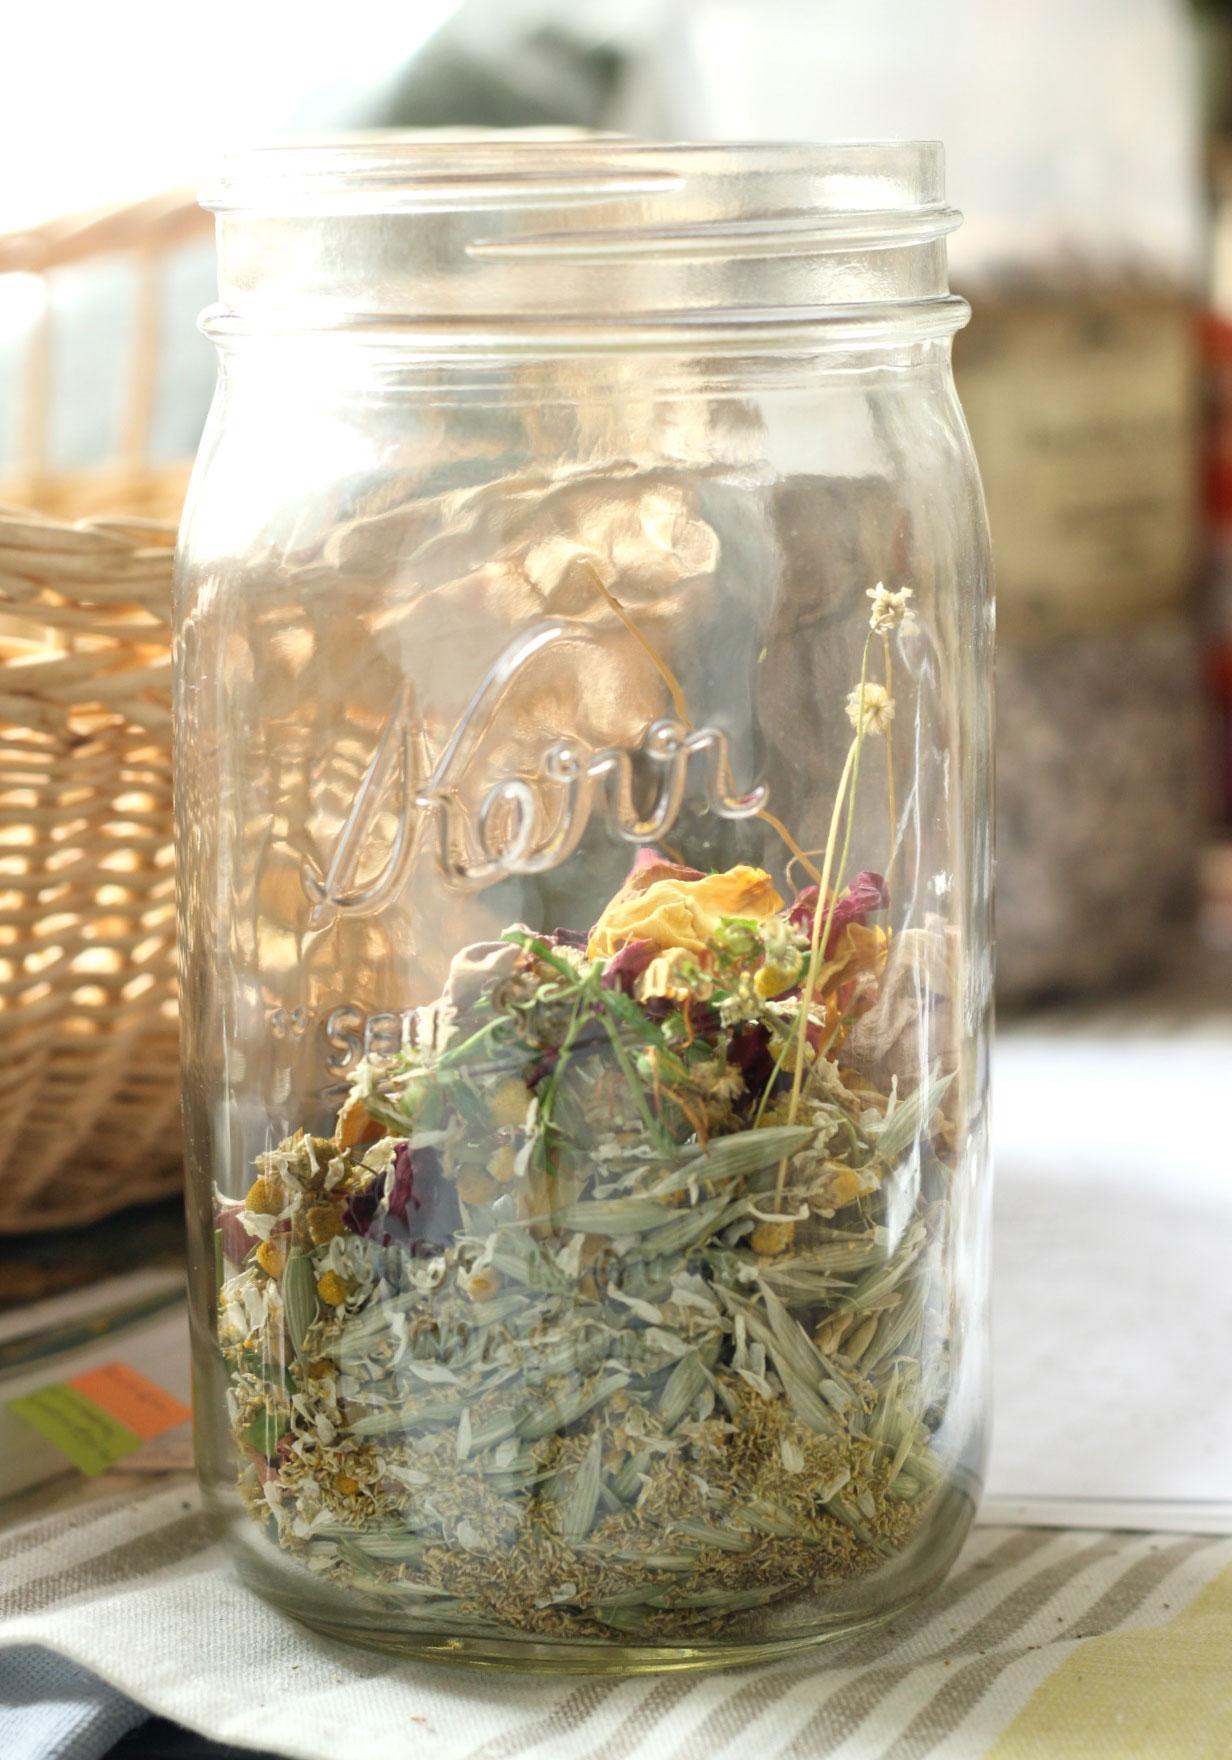 herbal-sjw-tea